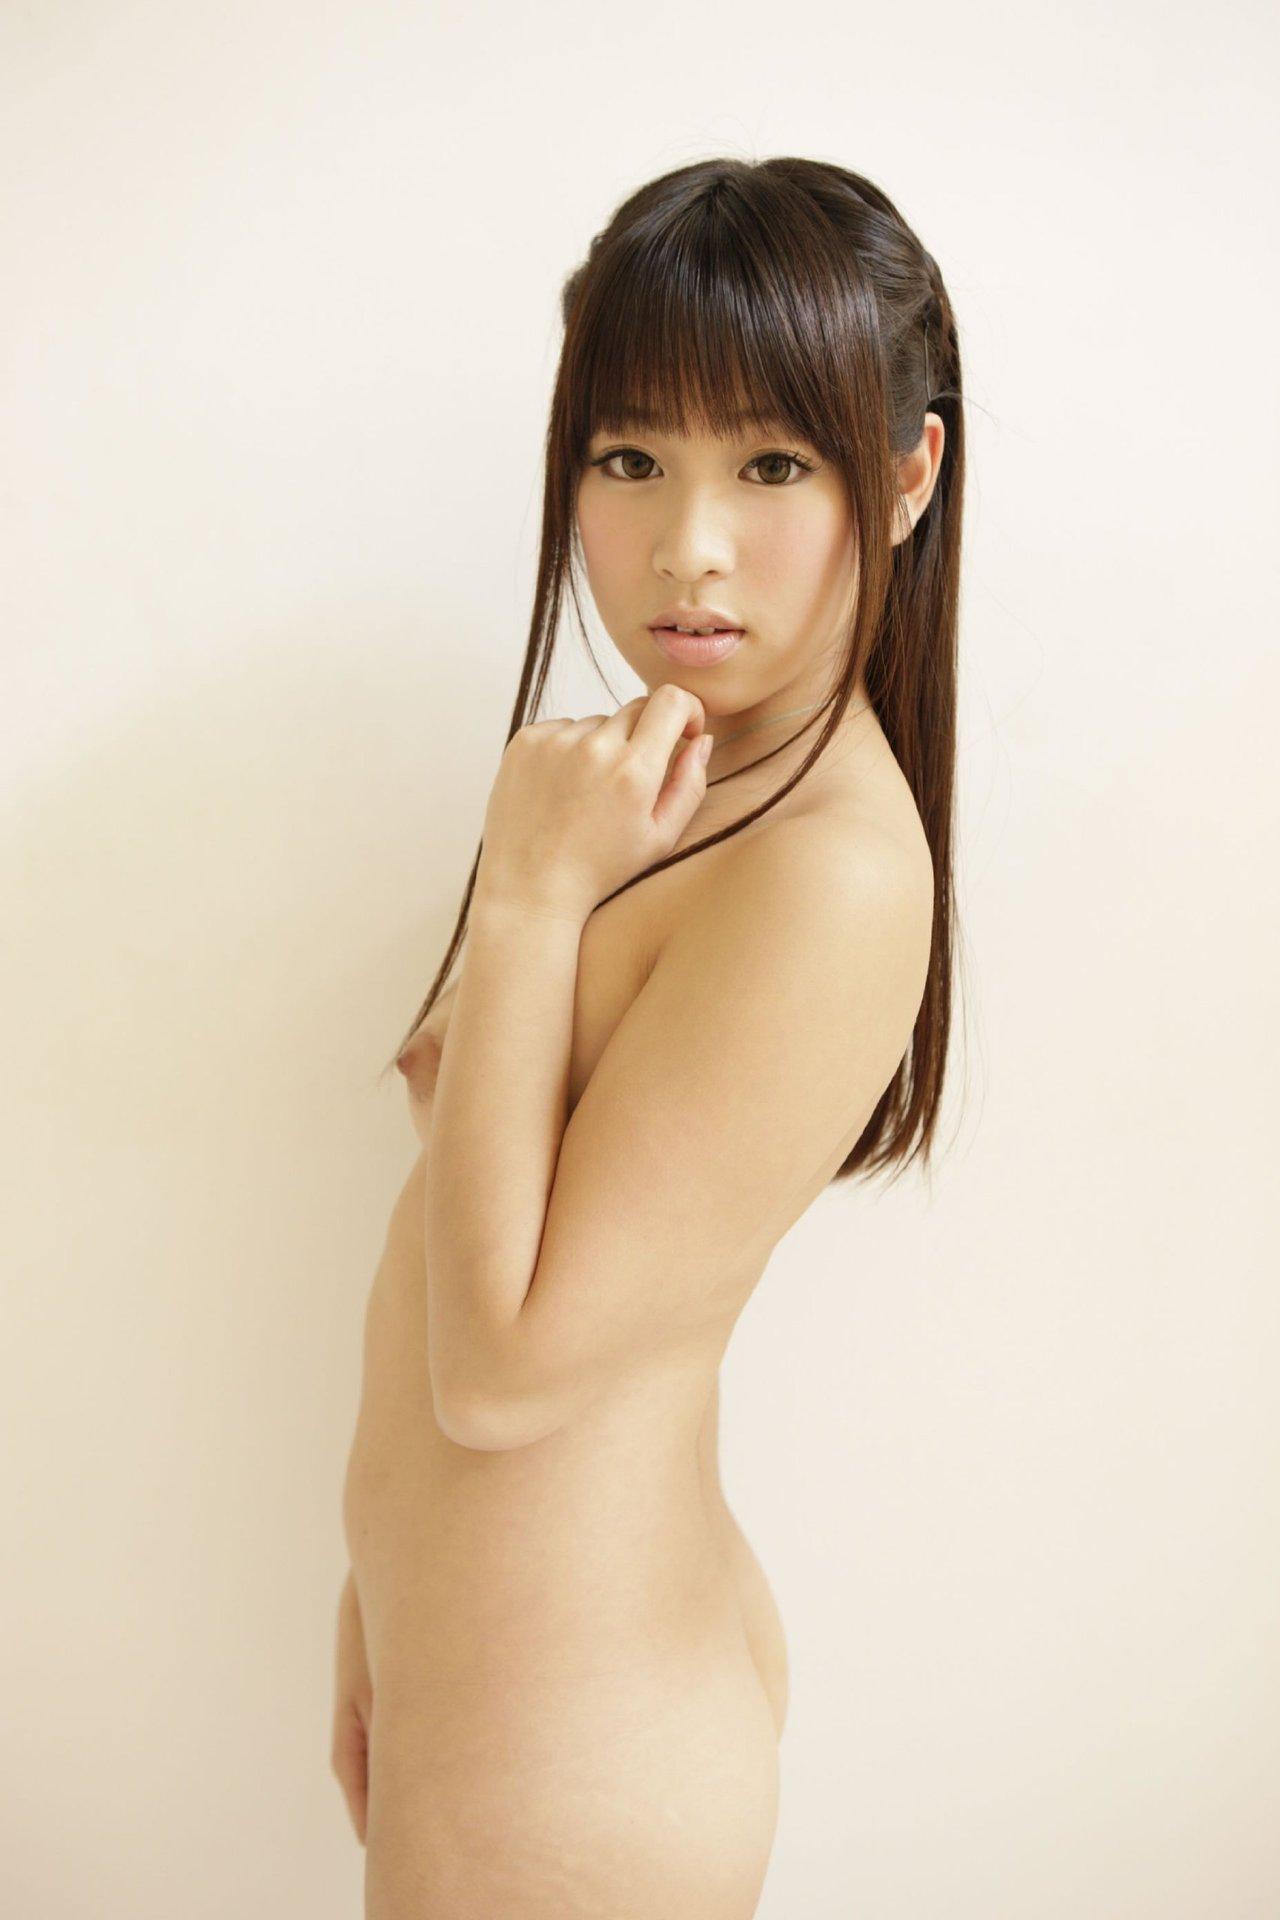 美女全裸画像 81